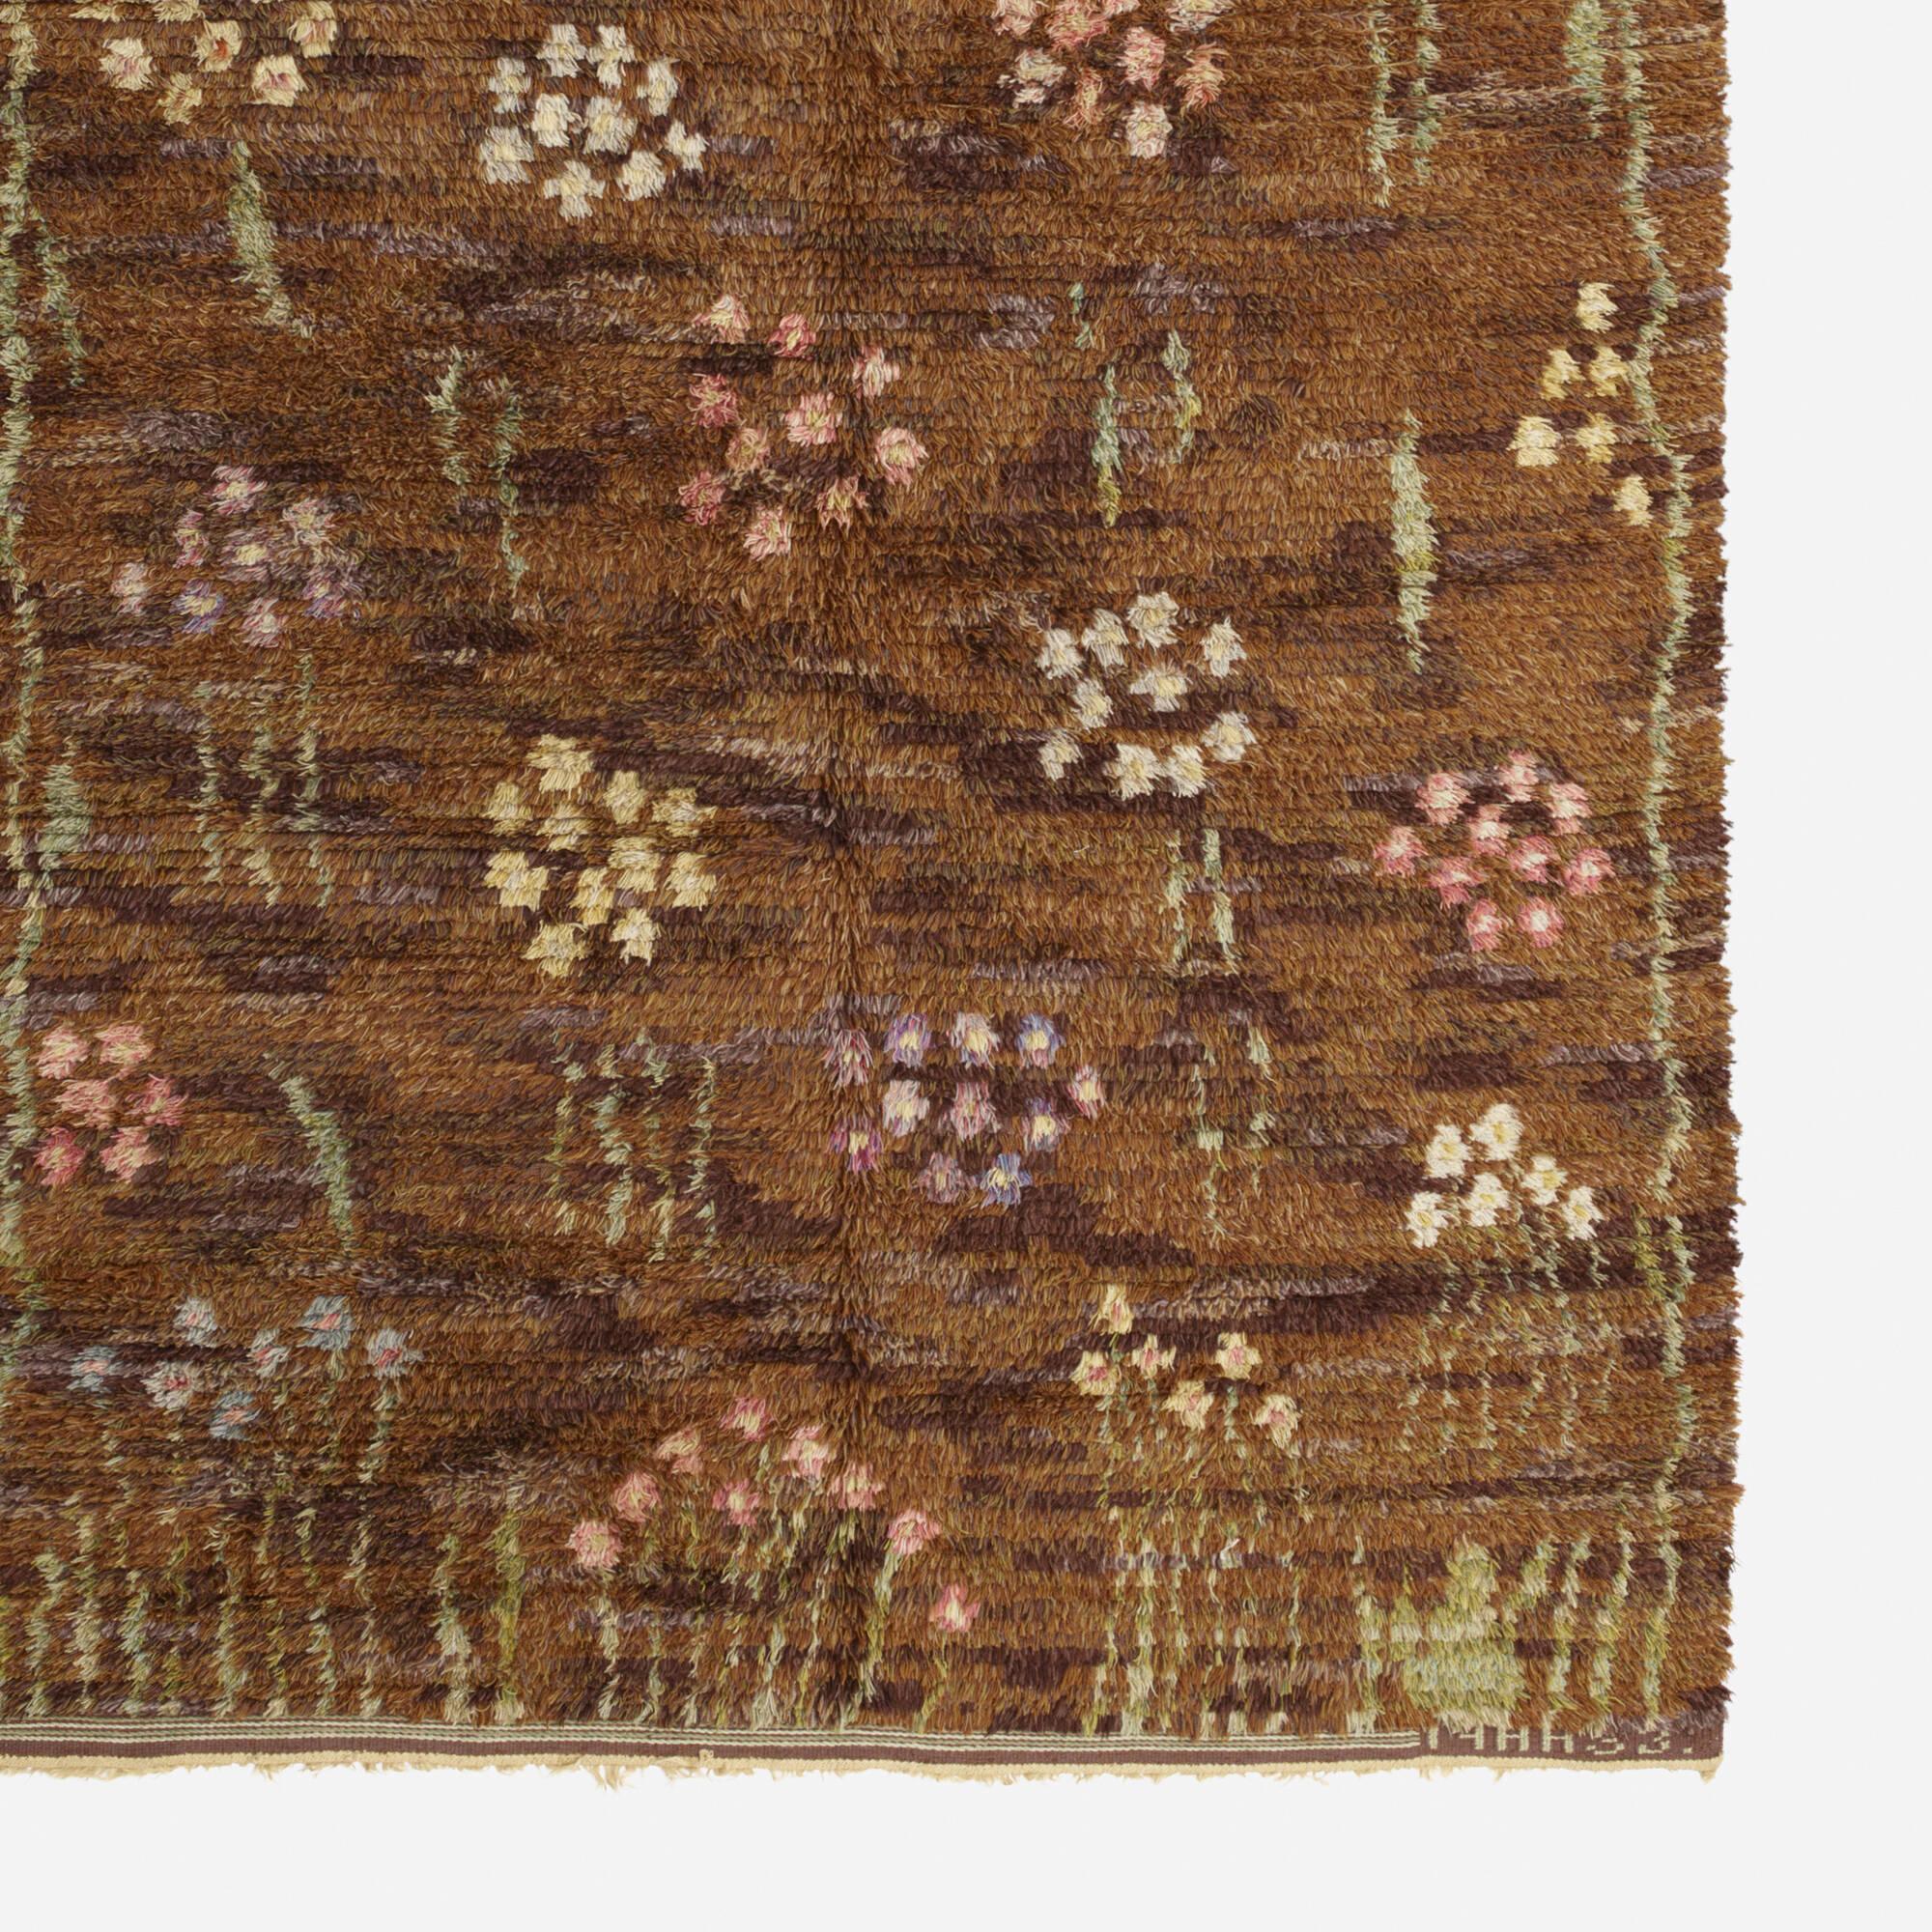 315: Helge Hamnert / pile carpet (2 of 2)